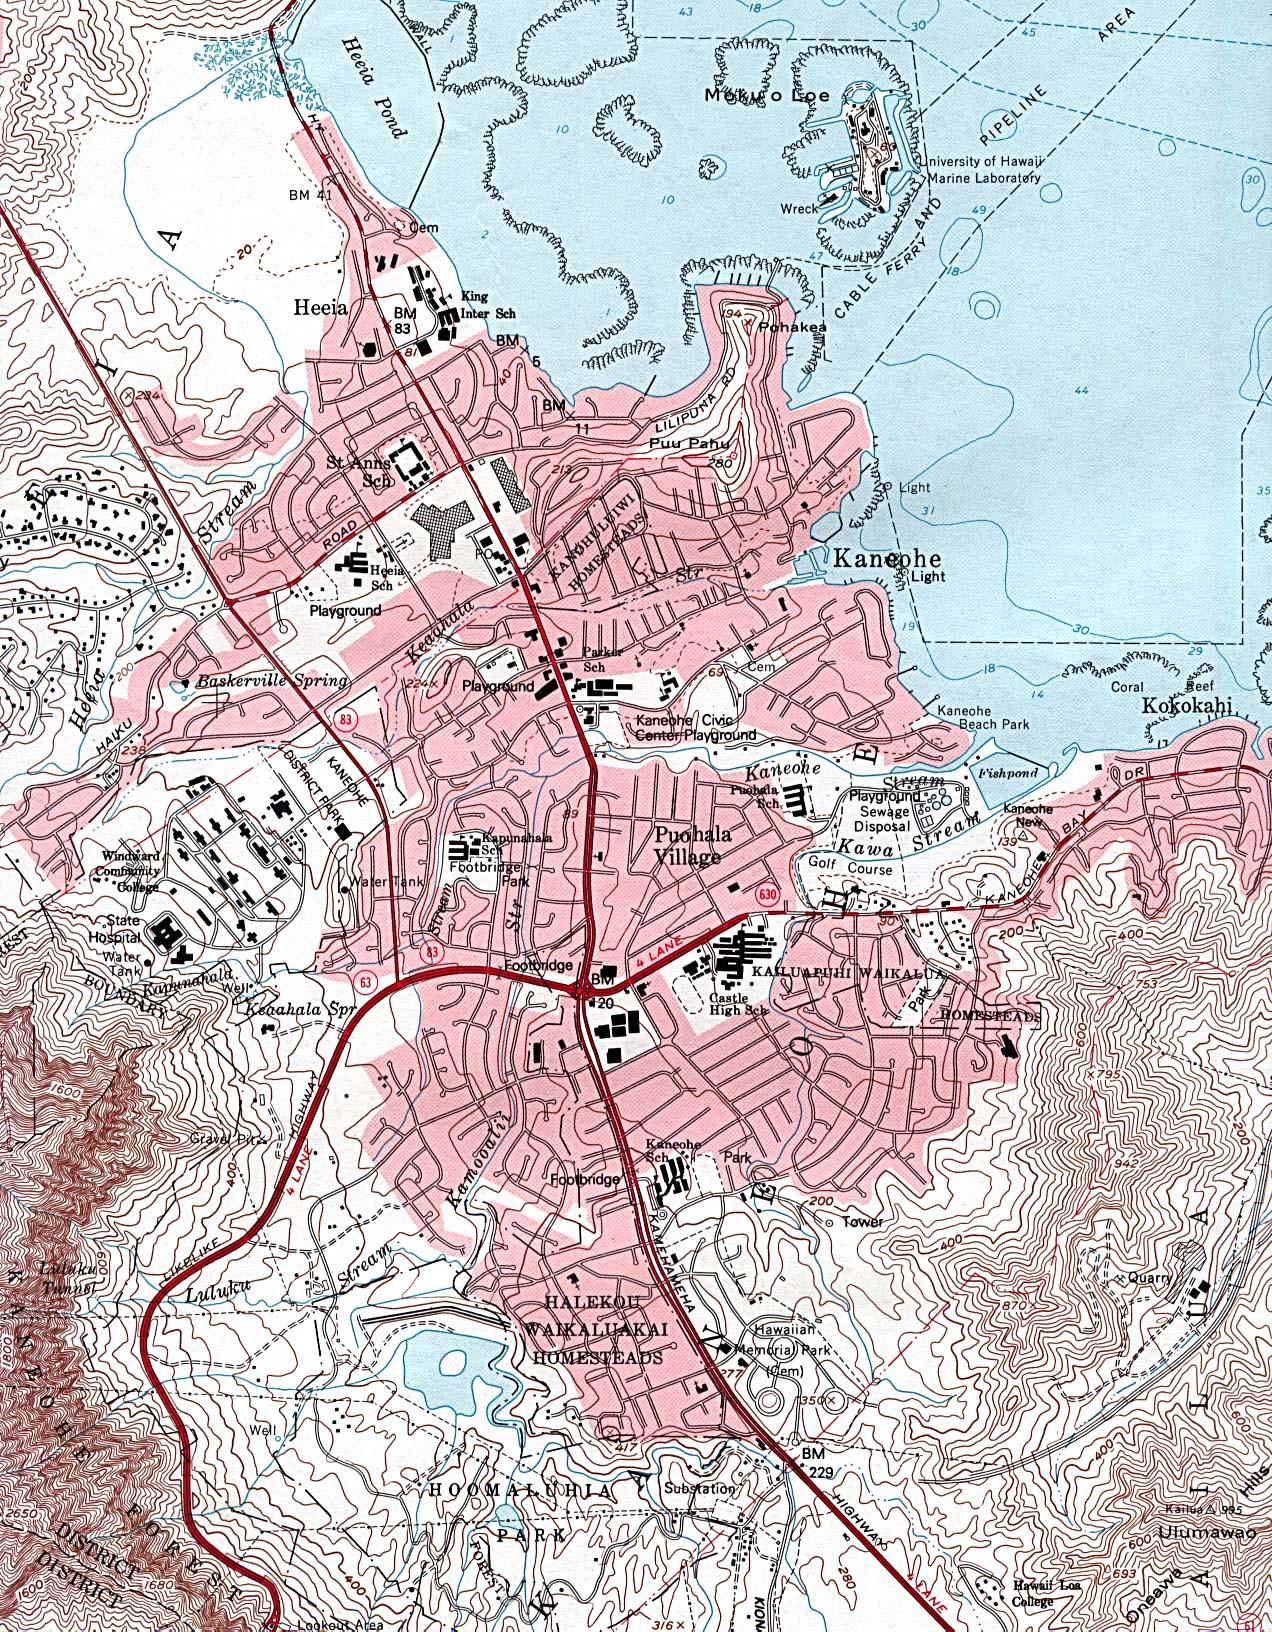 Mapa Topográfico de la Ciudad de Kaneohe, Hawái, Estados Unidos